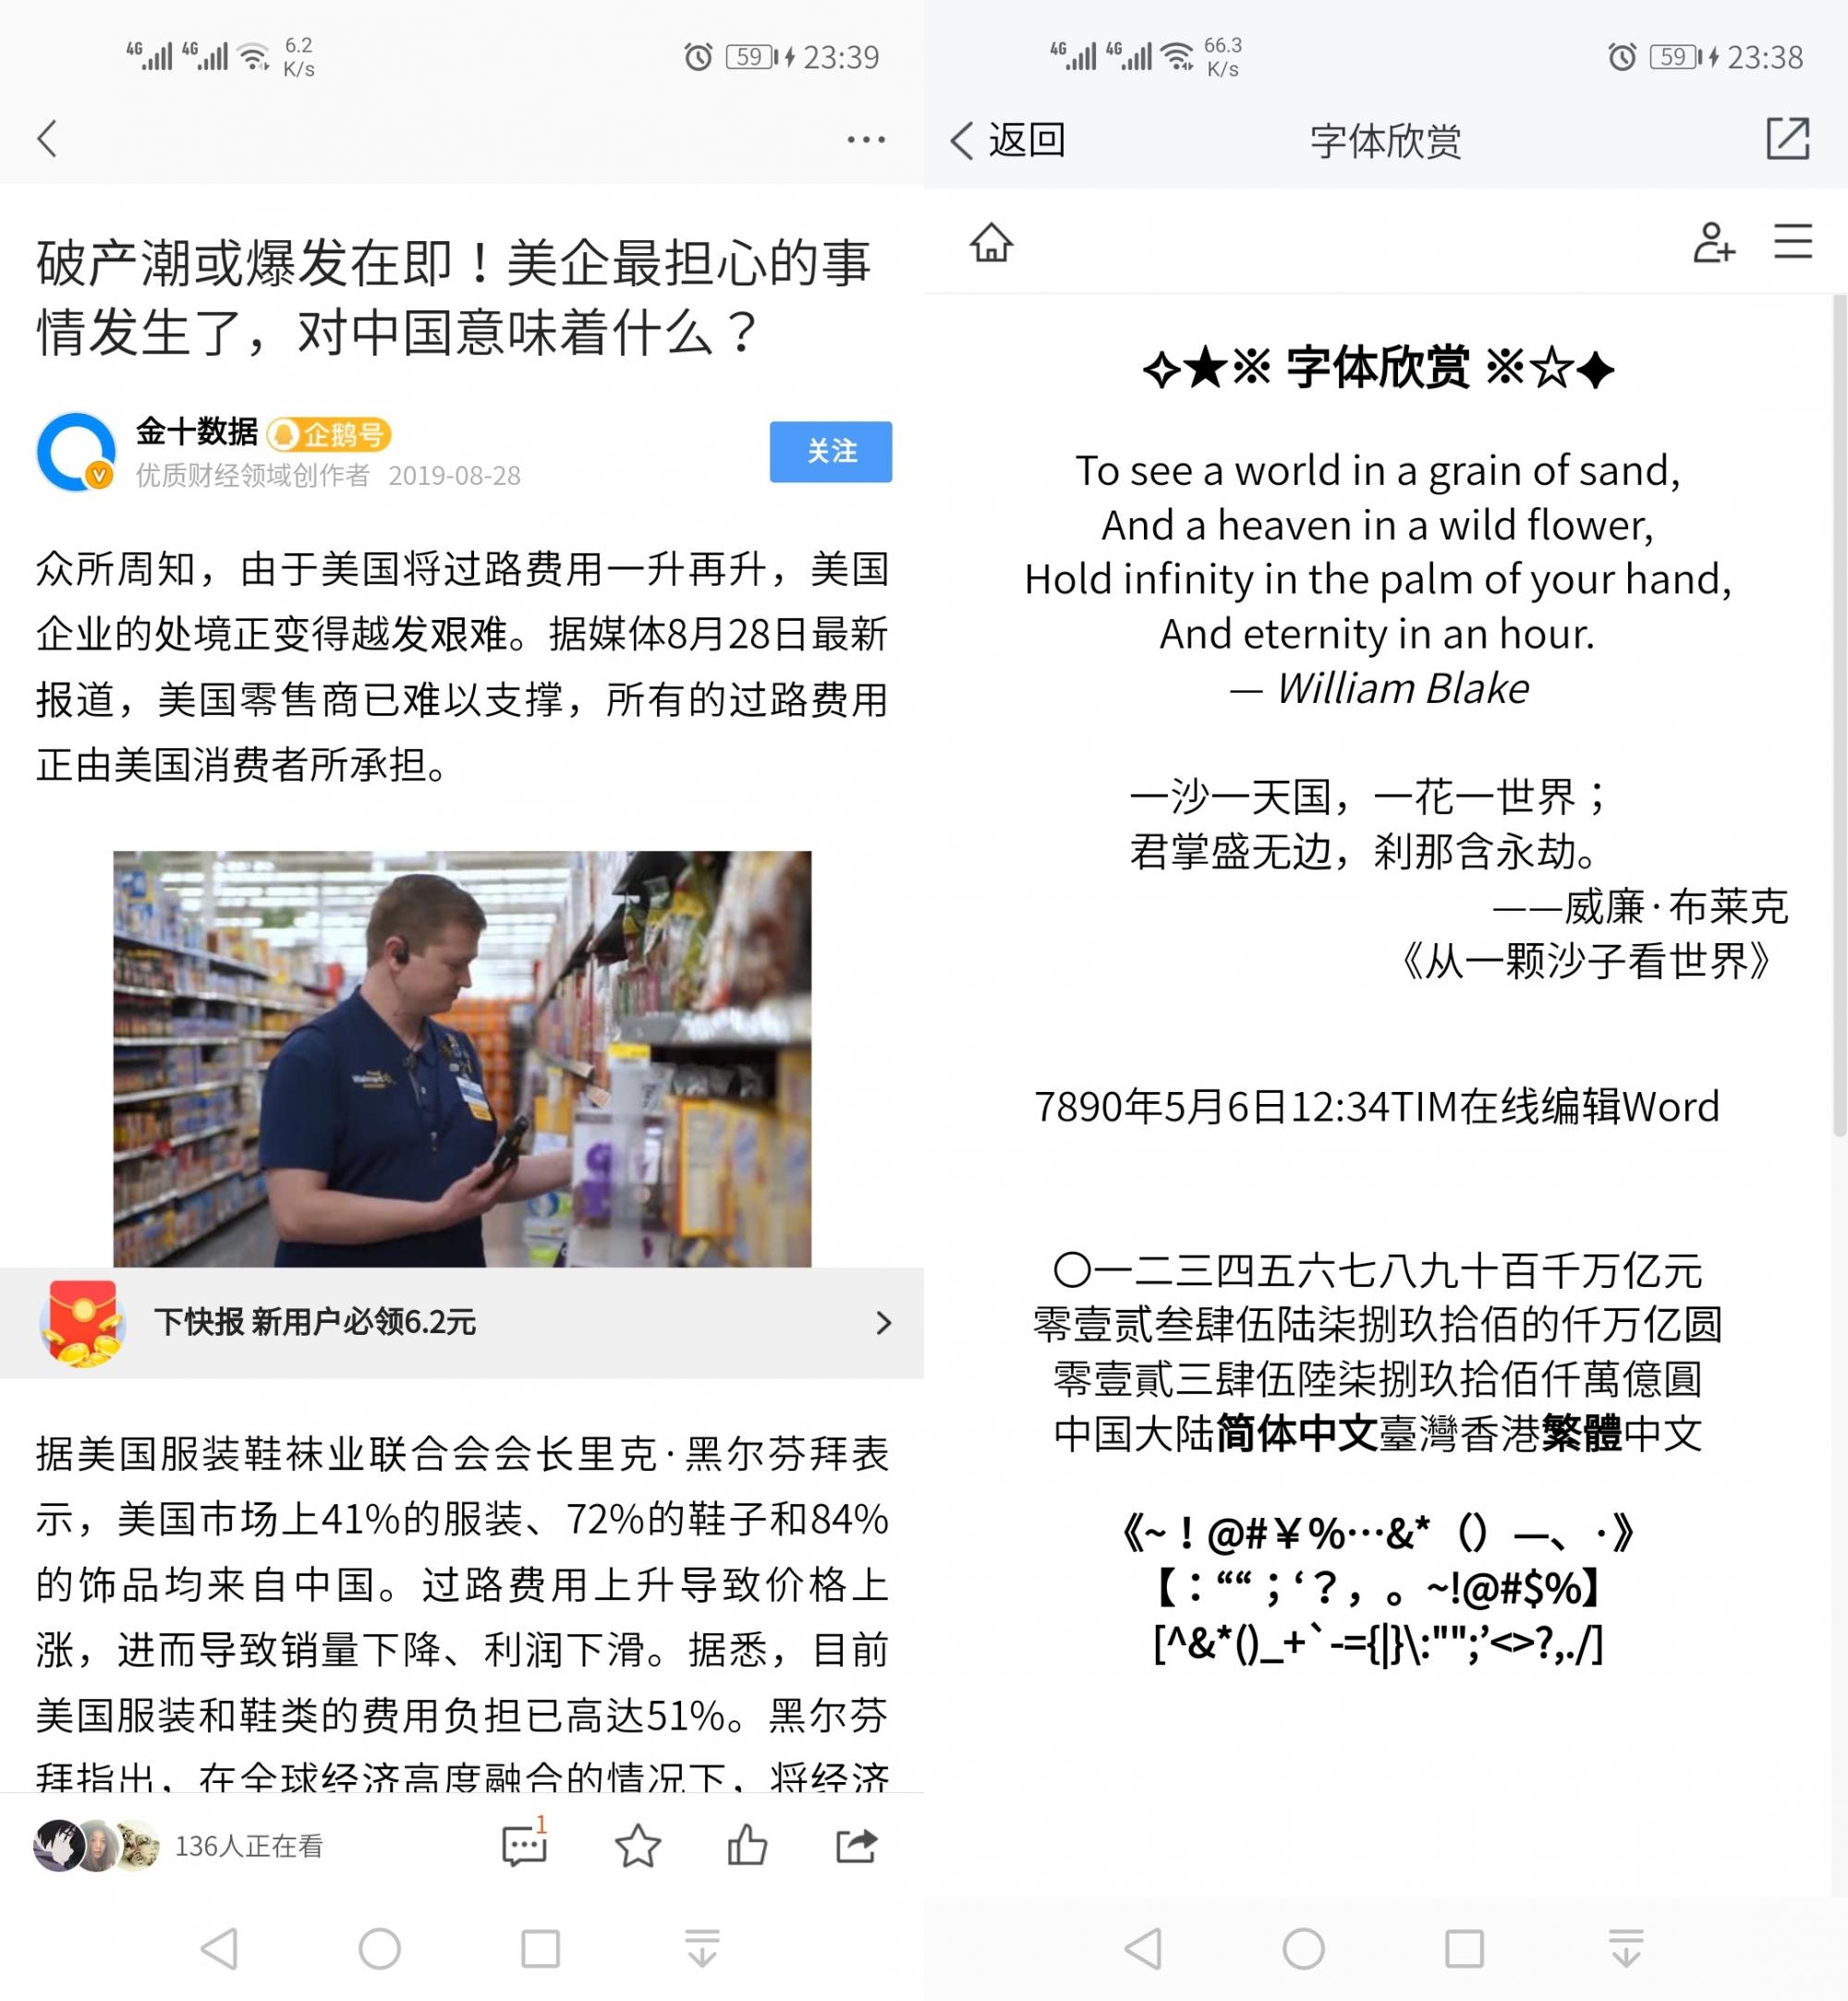 Screenshot_20190828_233915_com.tencent.mtt.jpg